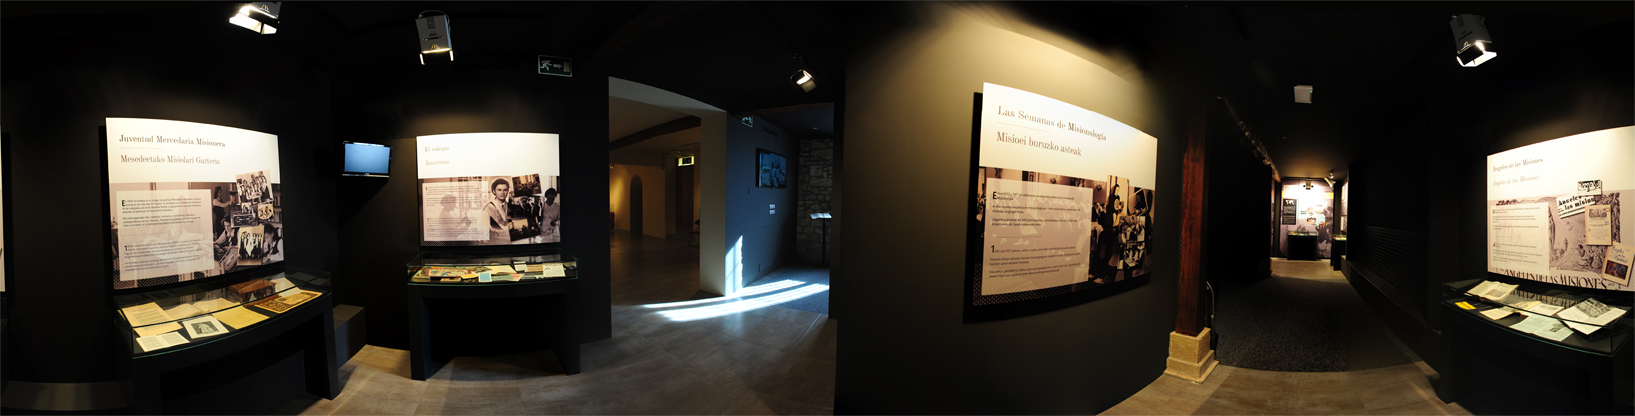 Sala 7a: Recursos